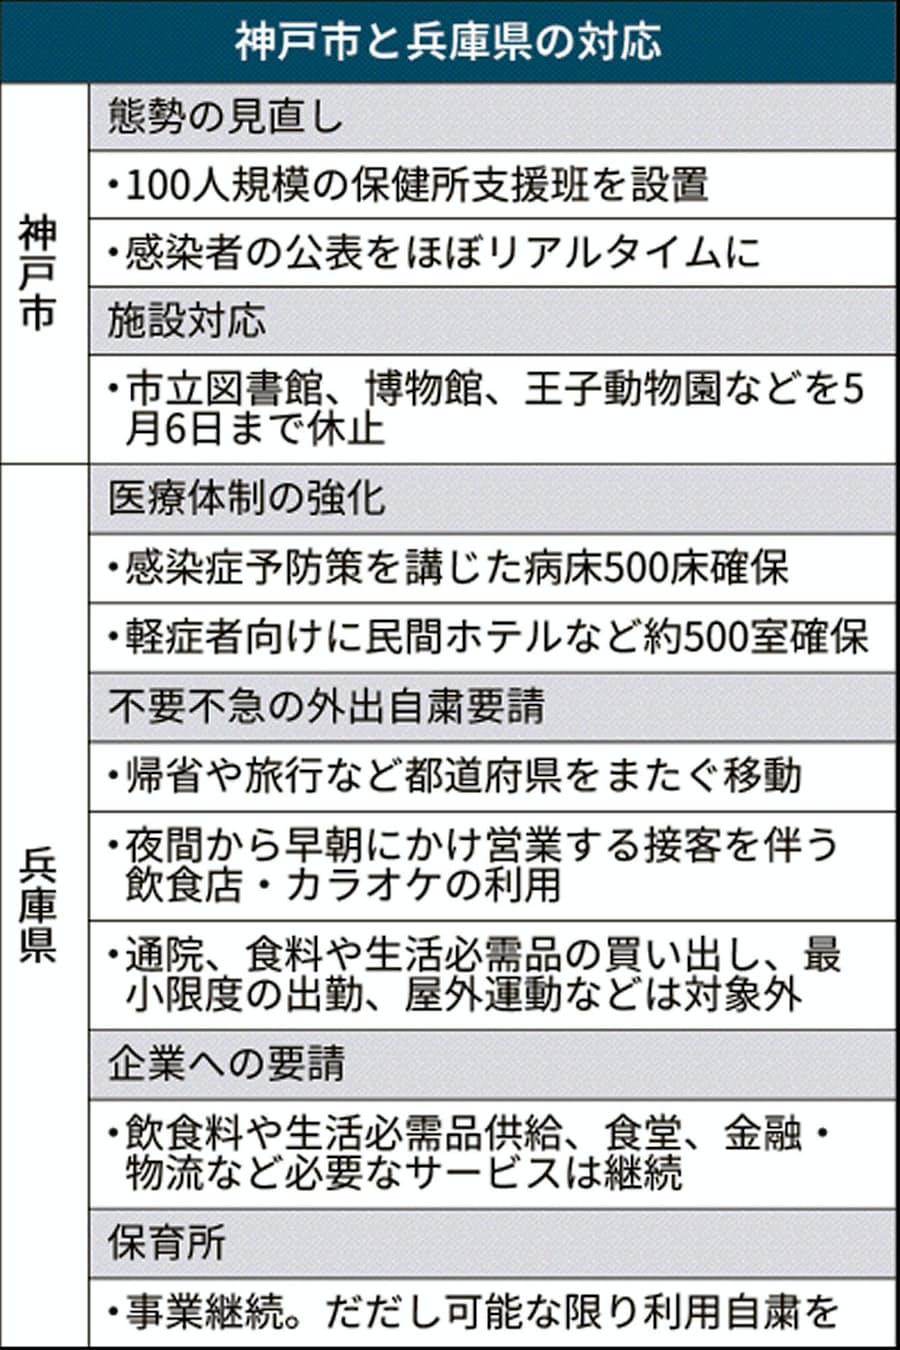 対策 神戸 市 コロナ